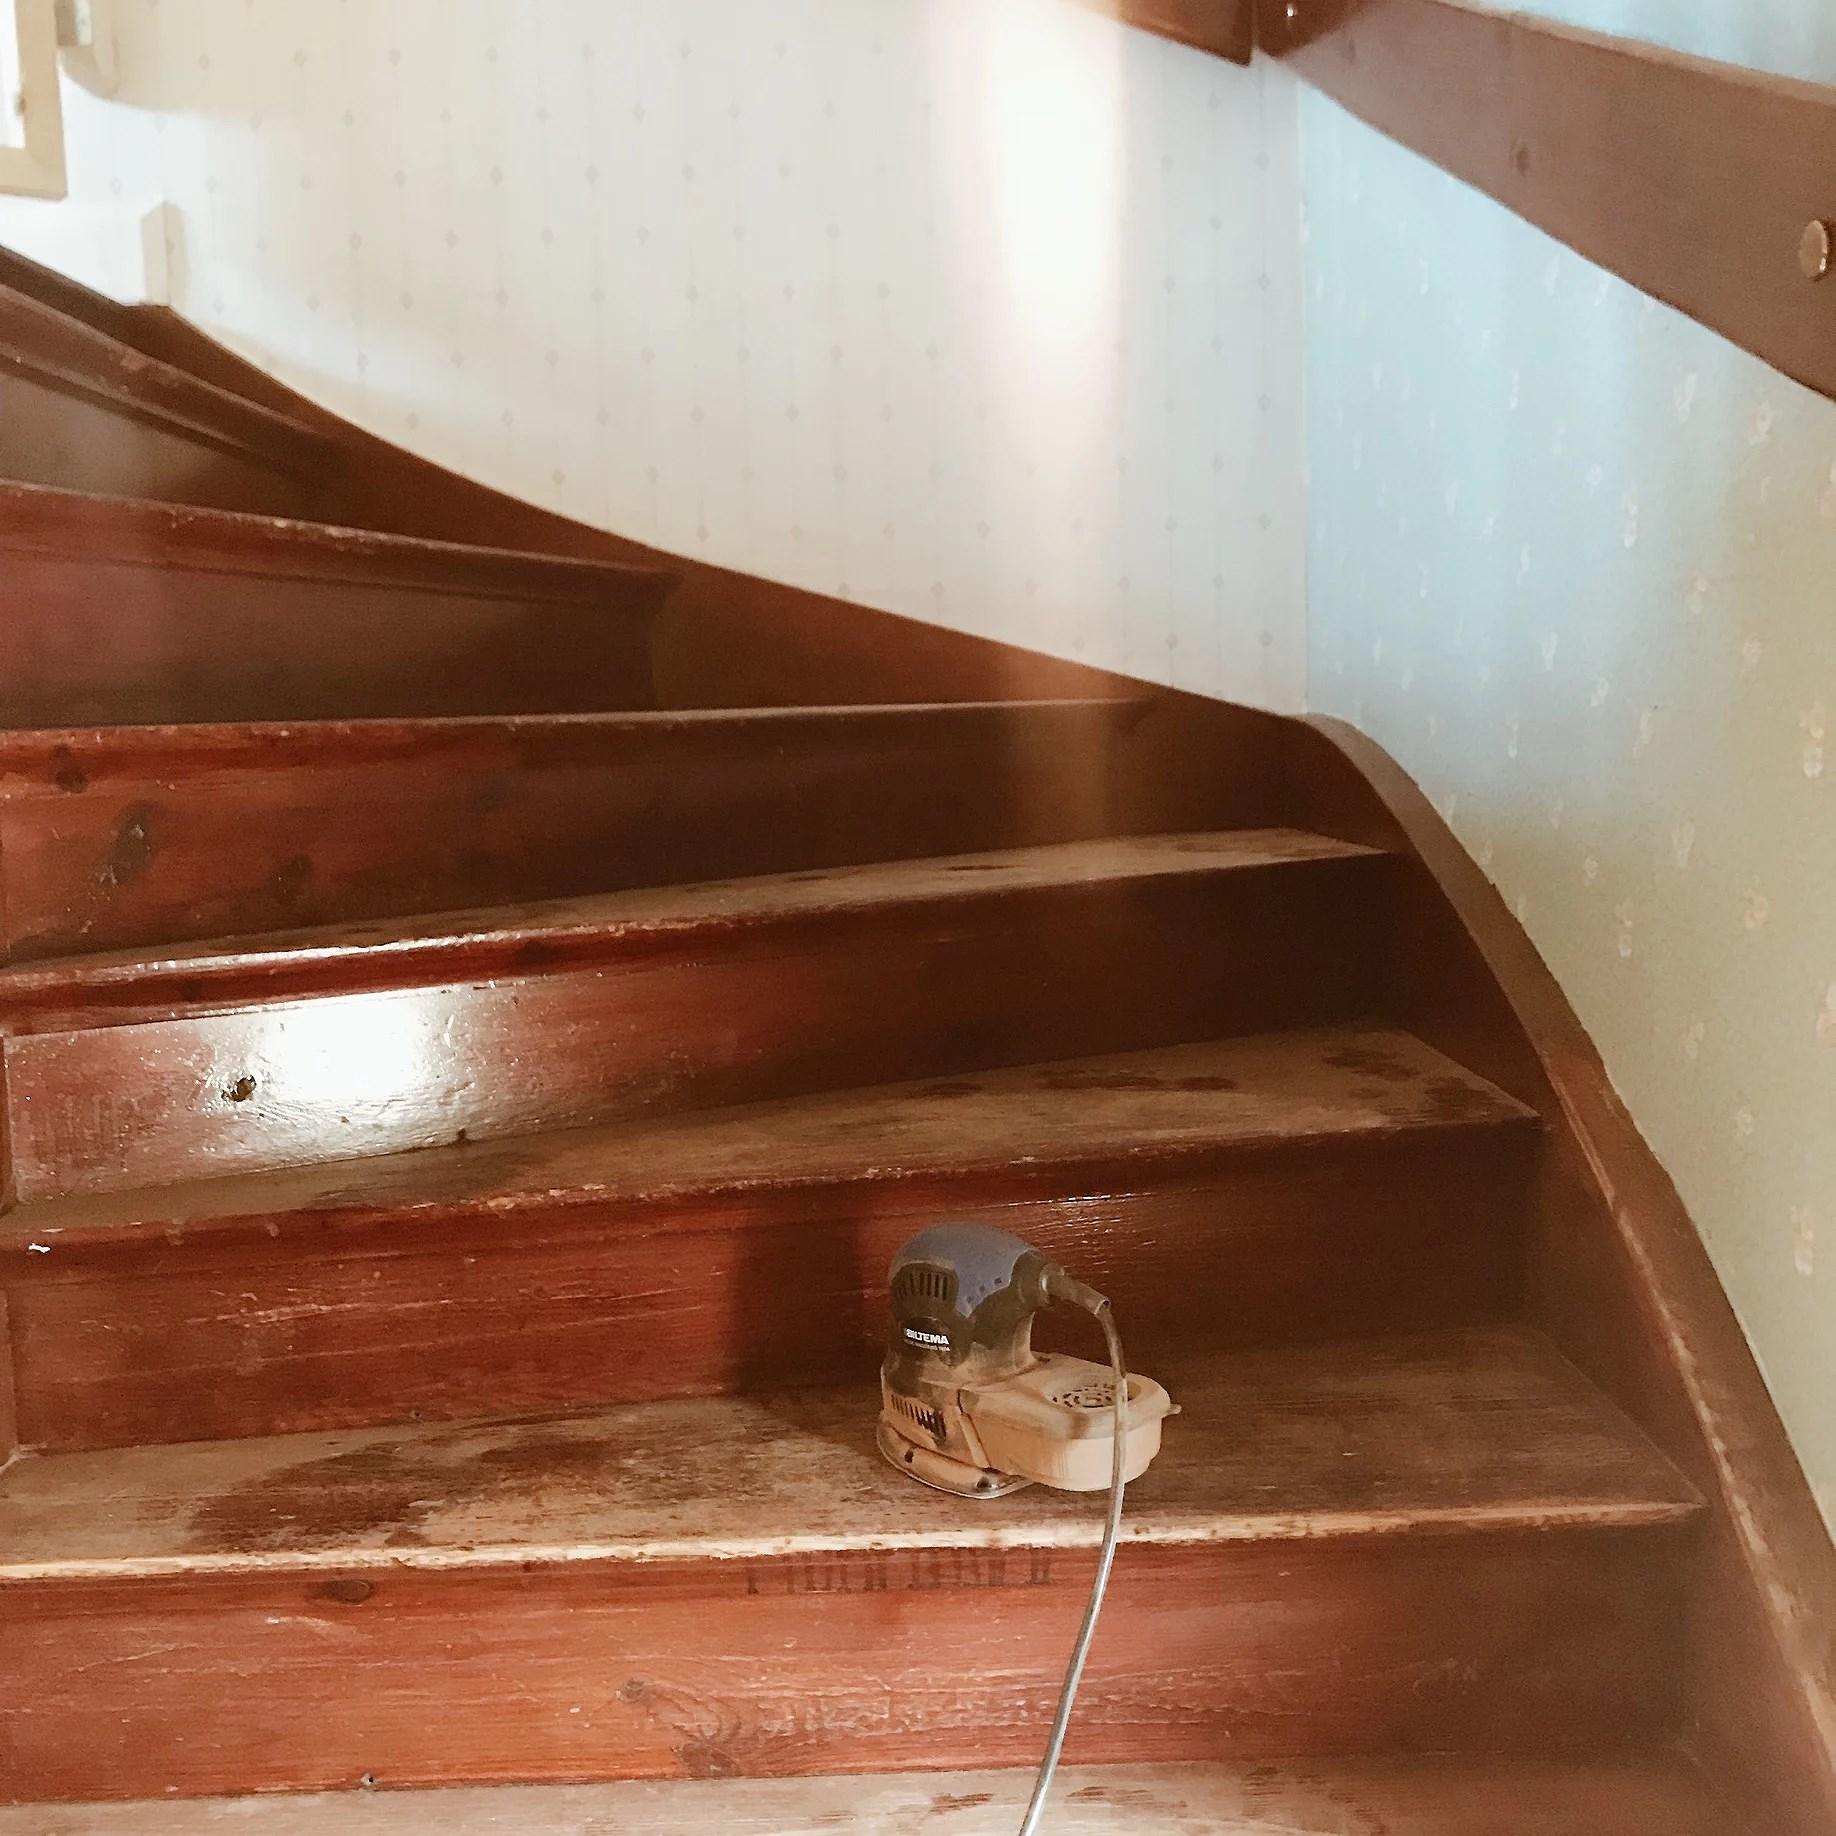 Dags att renovera trappan